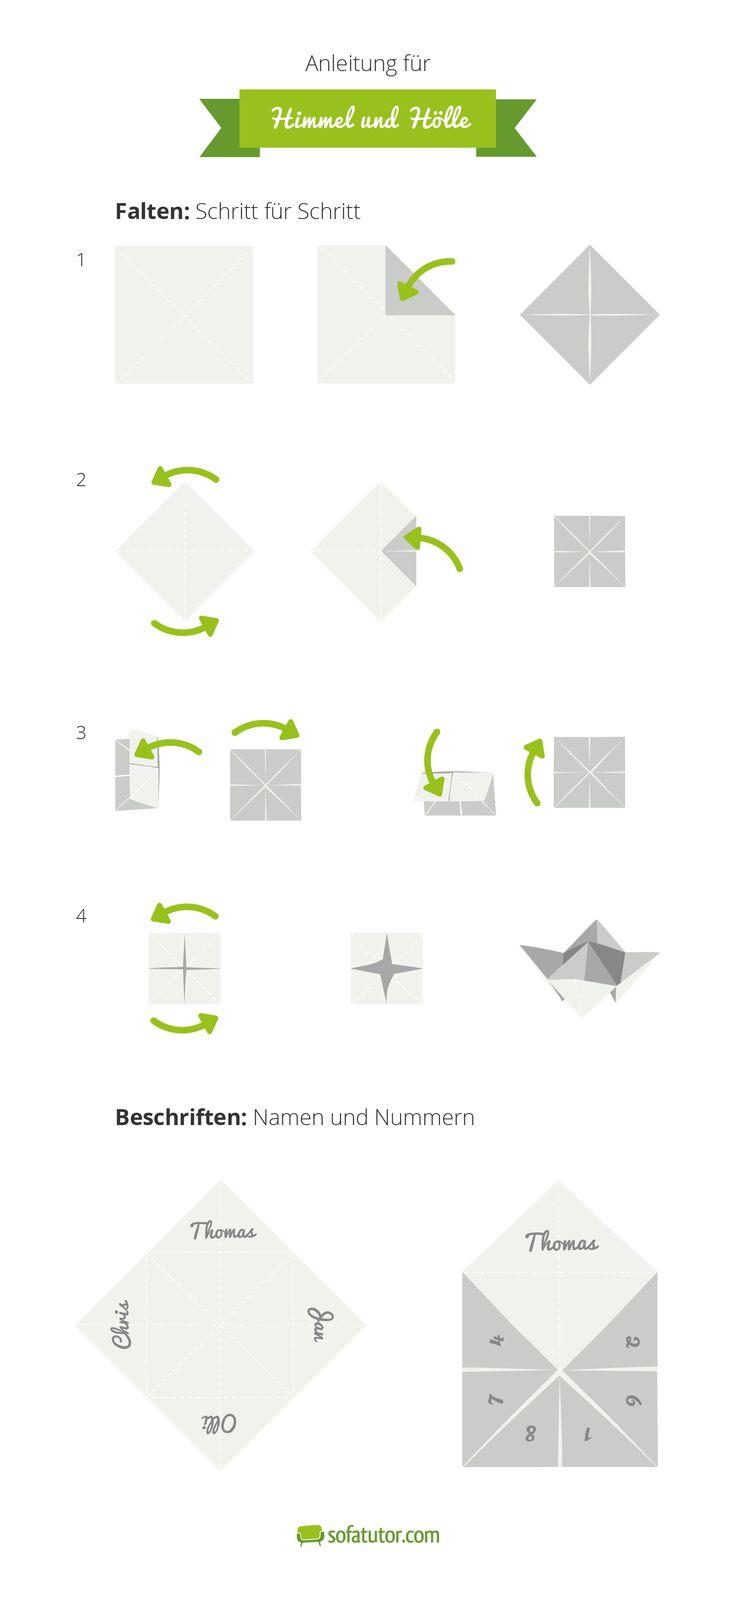 25 best ideas about himmel und h lle basteln on pinterest himmel und h lle himmel und h lle. Black Bedroom Furniture Sets. Home Design Ideas